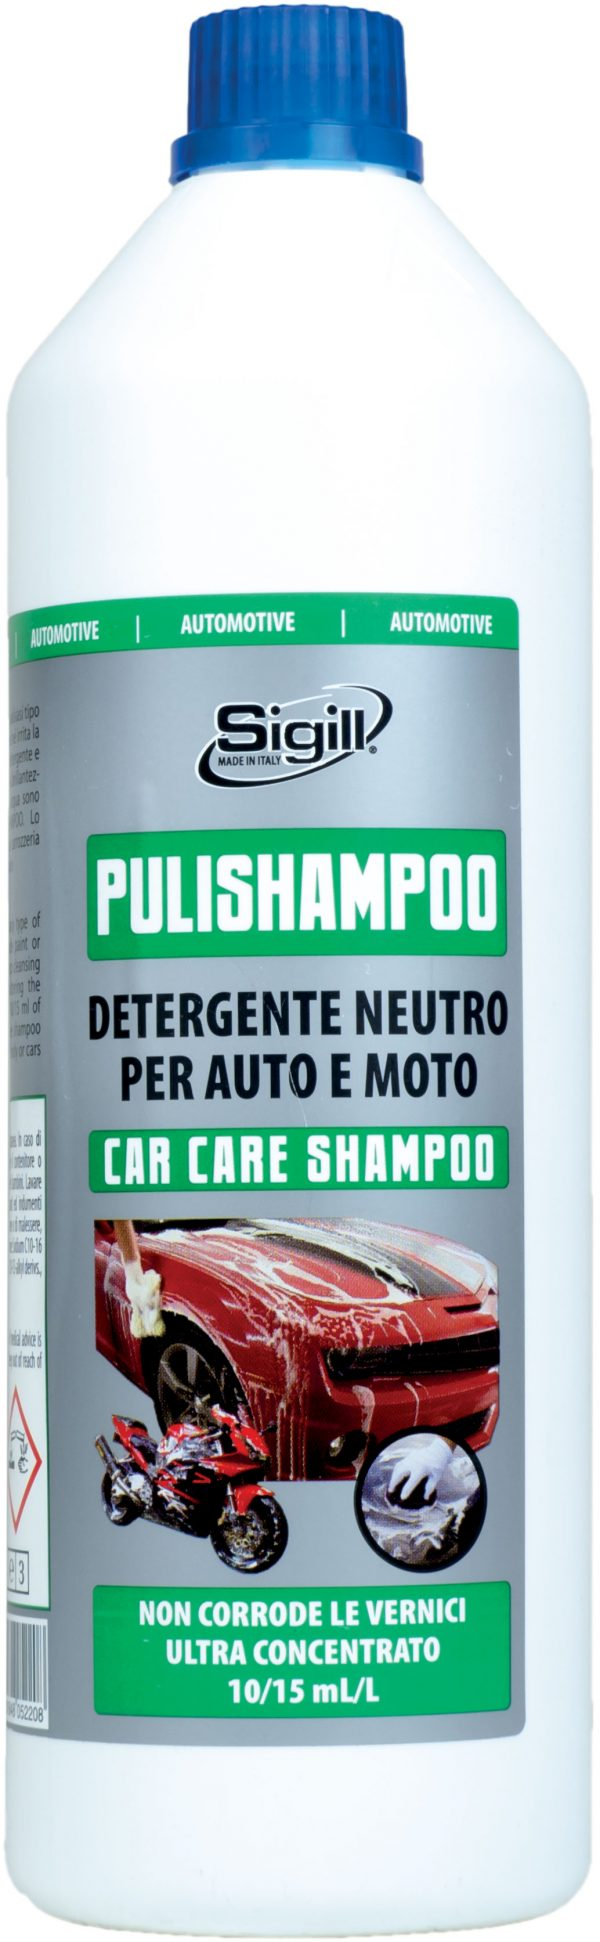 Prodotti per auto, detergente per auto